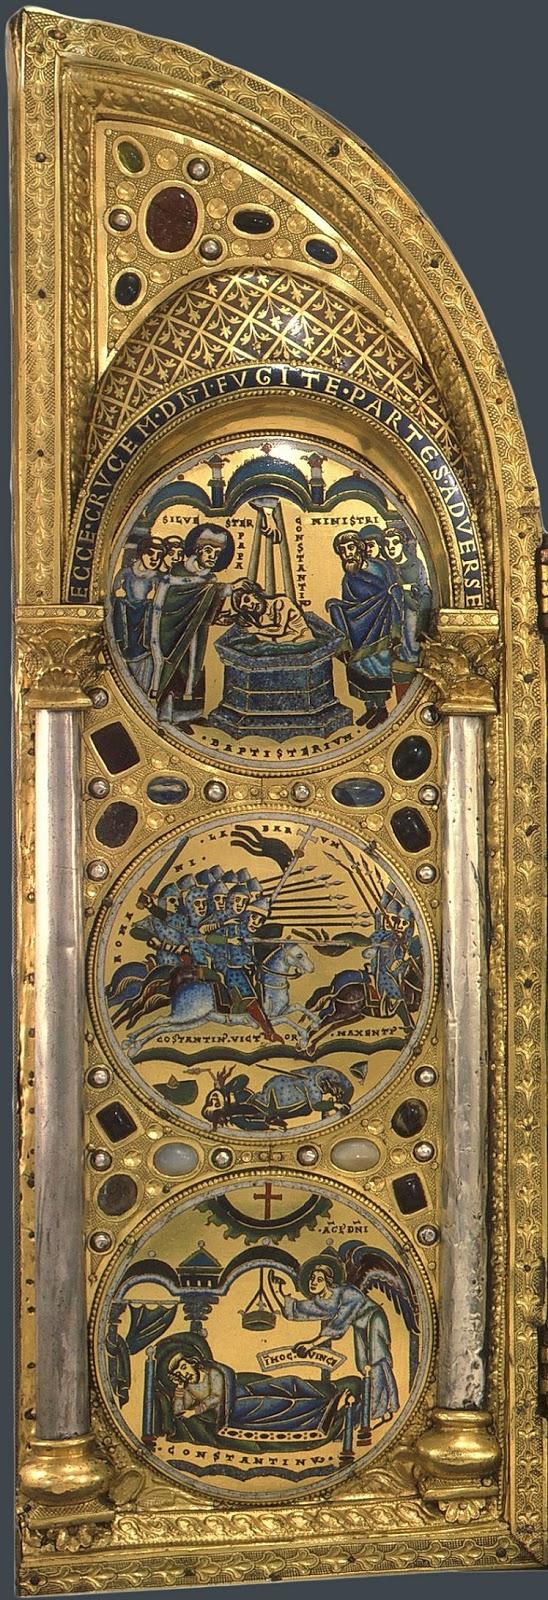 Aripa stângă a tripticului de la Stavelot, de jos în sus: Constantin cel Mare vede în vis semnul crucii în noaptea dinaintea bătăliei de la podul Milviei, victoria lui Constantin cel Mare la aceeași bătălie și botezarea lui Contantin cel Mare la vârstă înaintată de către Papa Silvestru I.